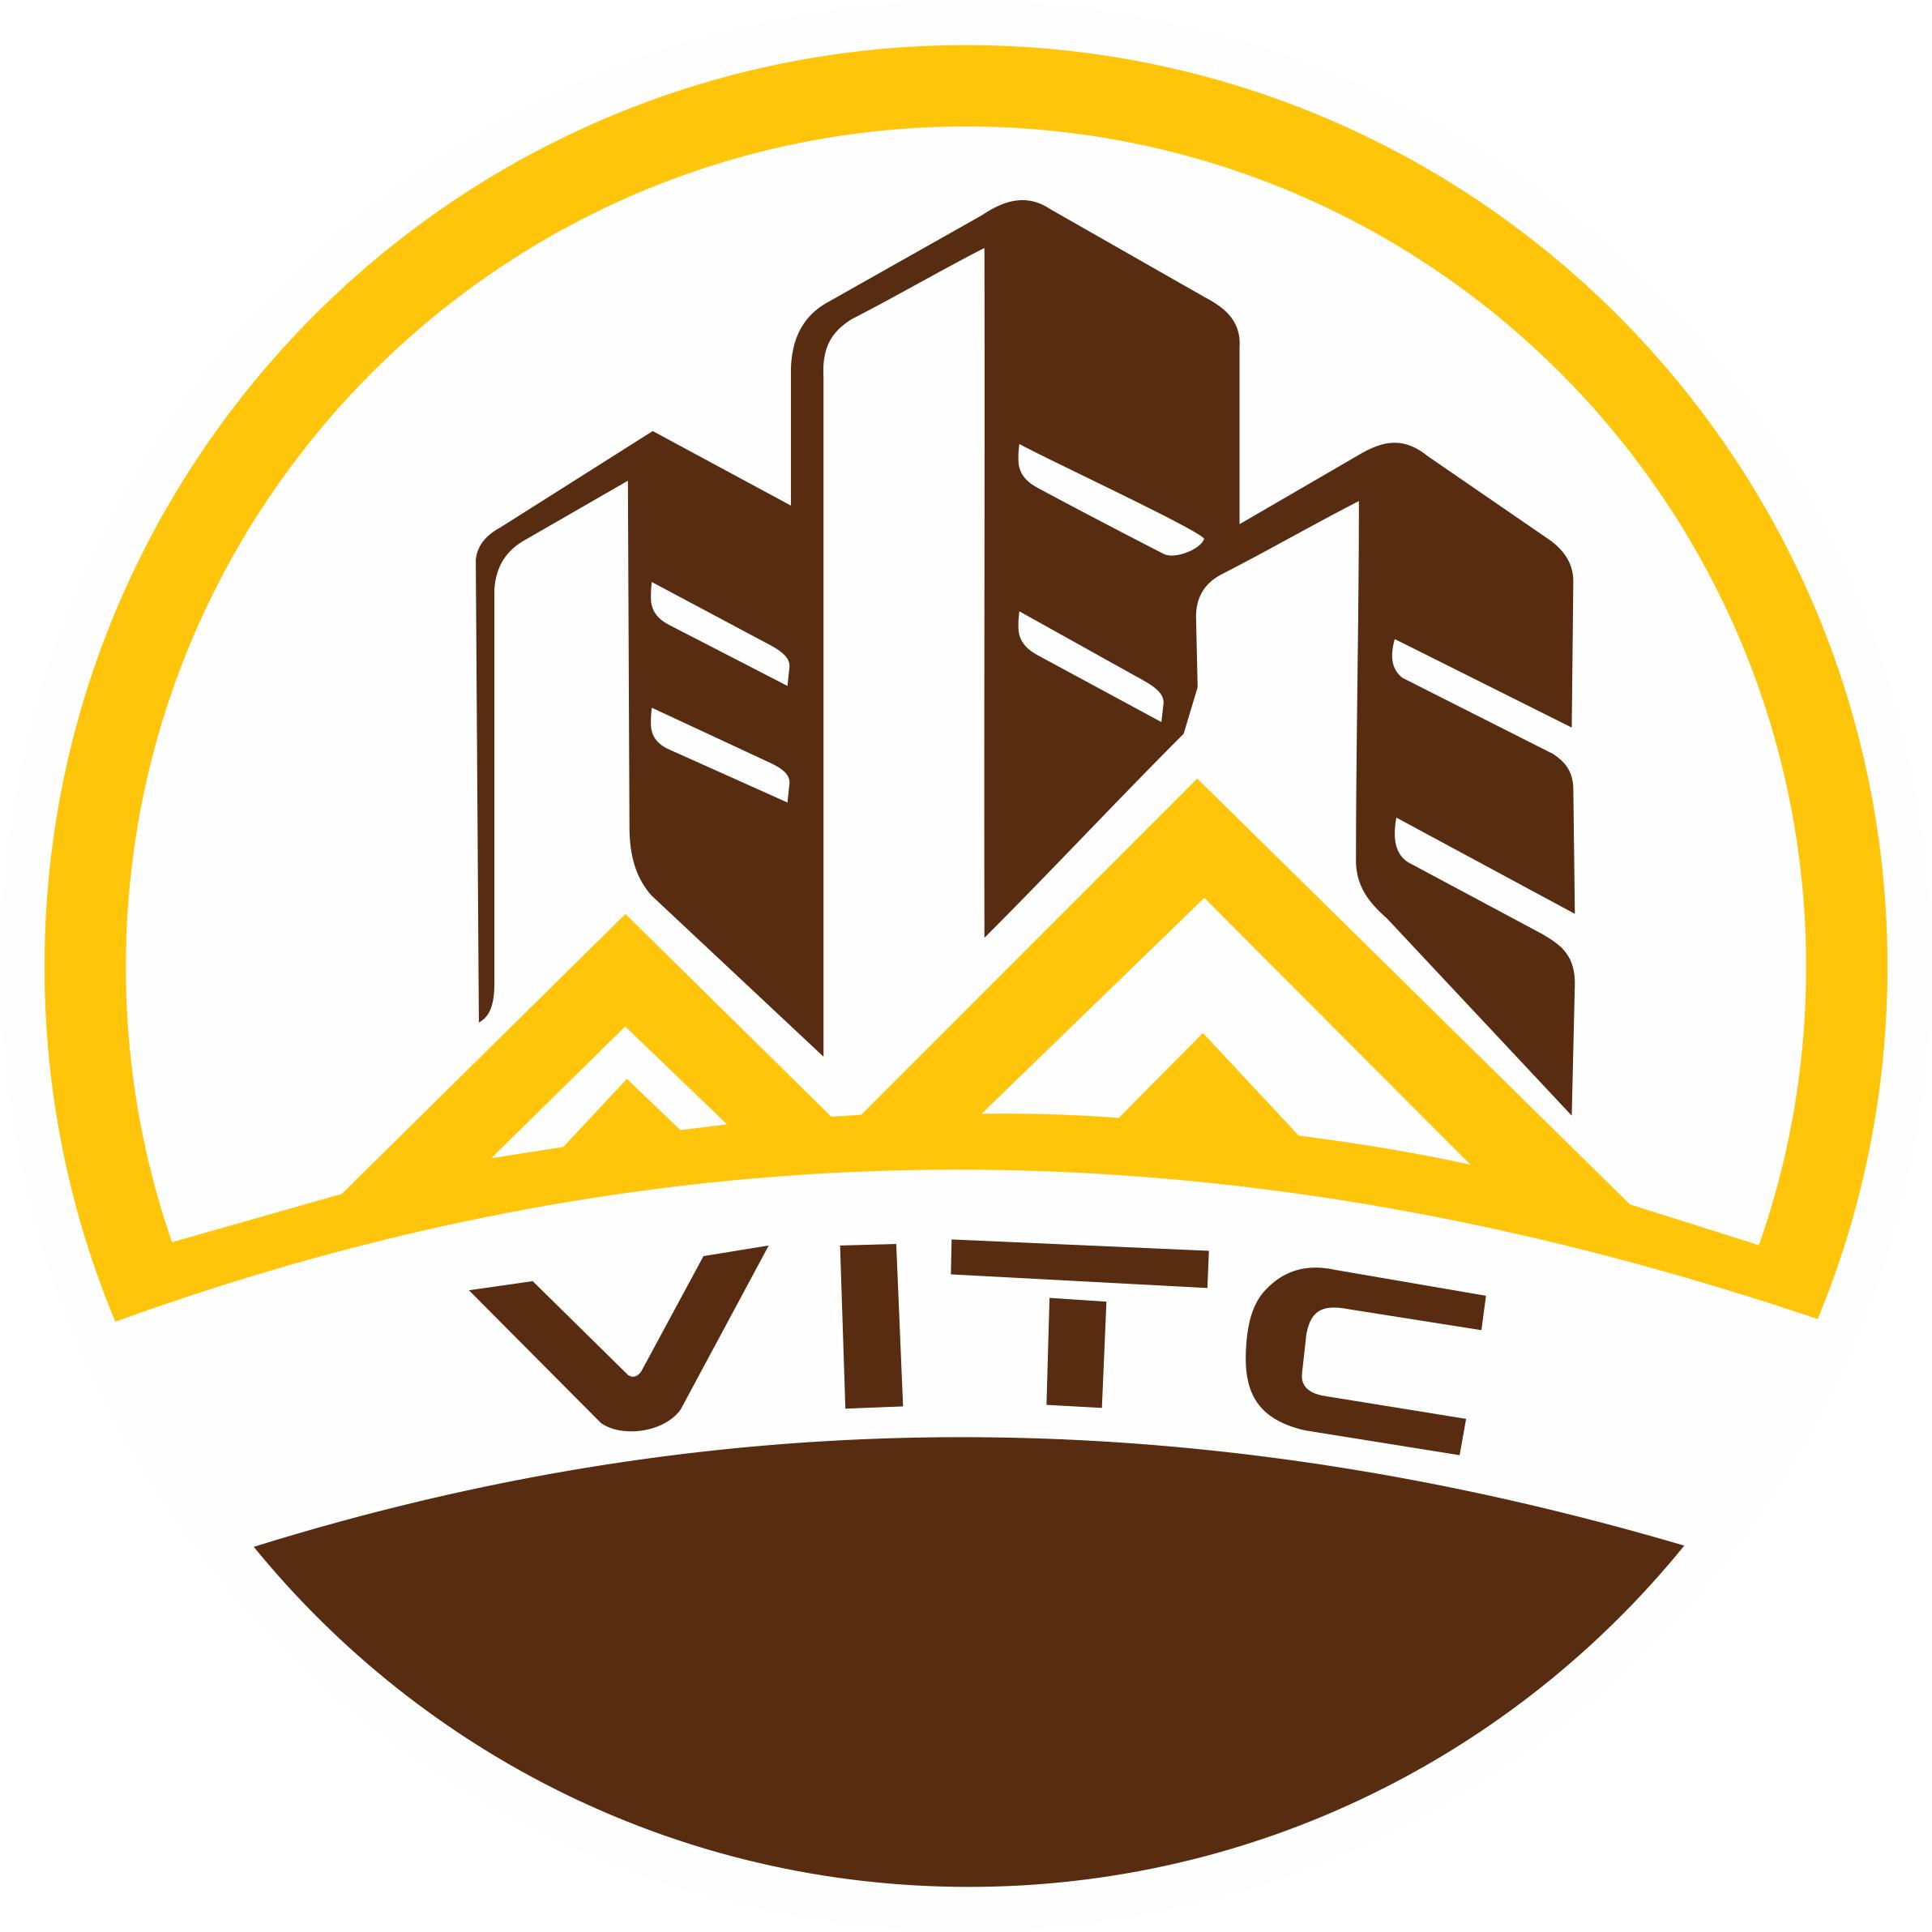 Những yếu tố cần lưu ý khi thiết kế logo công ty xây dựng